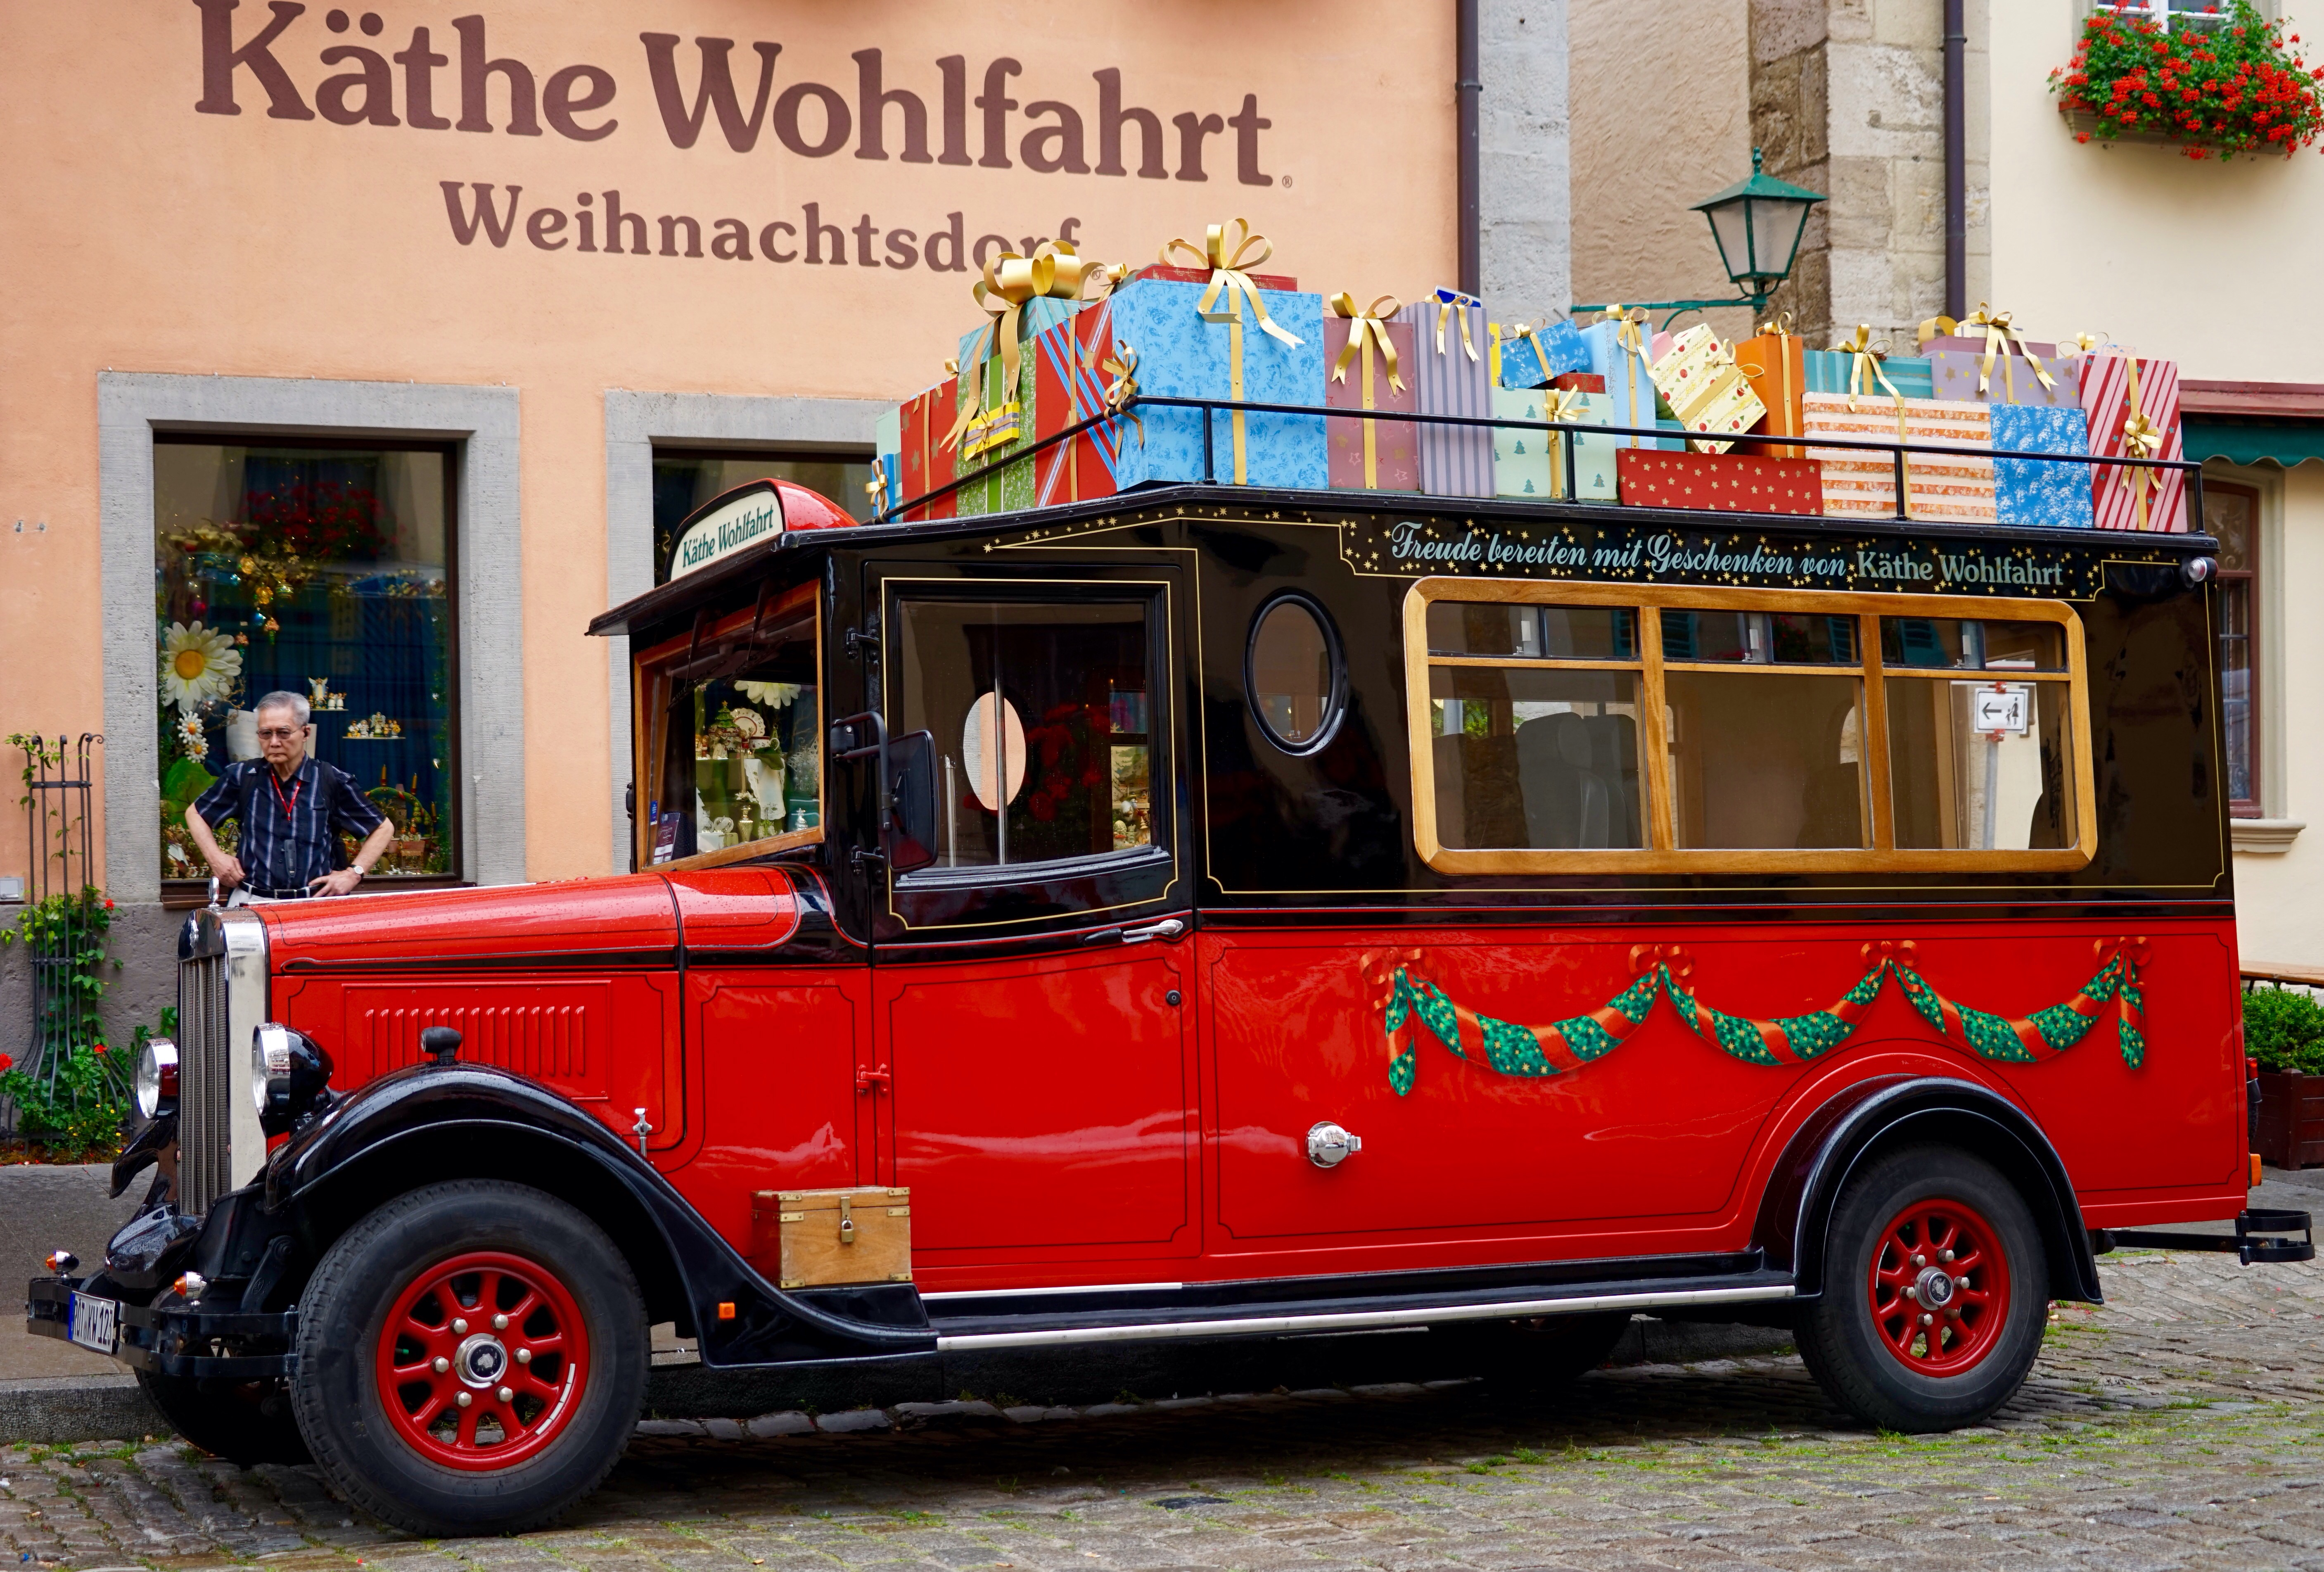 ee44e19b3c14a0 Weihnachten das ganze Jahr – das Käthe Wohlfahrt-Weihnachtsdorf in ...